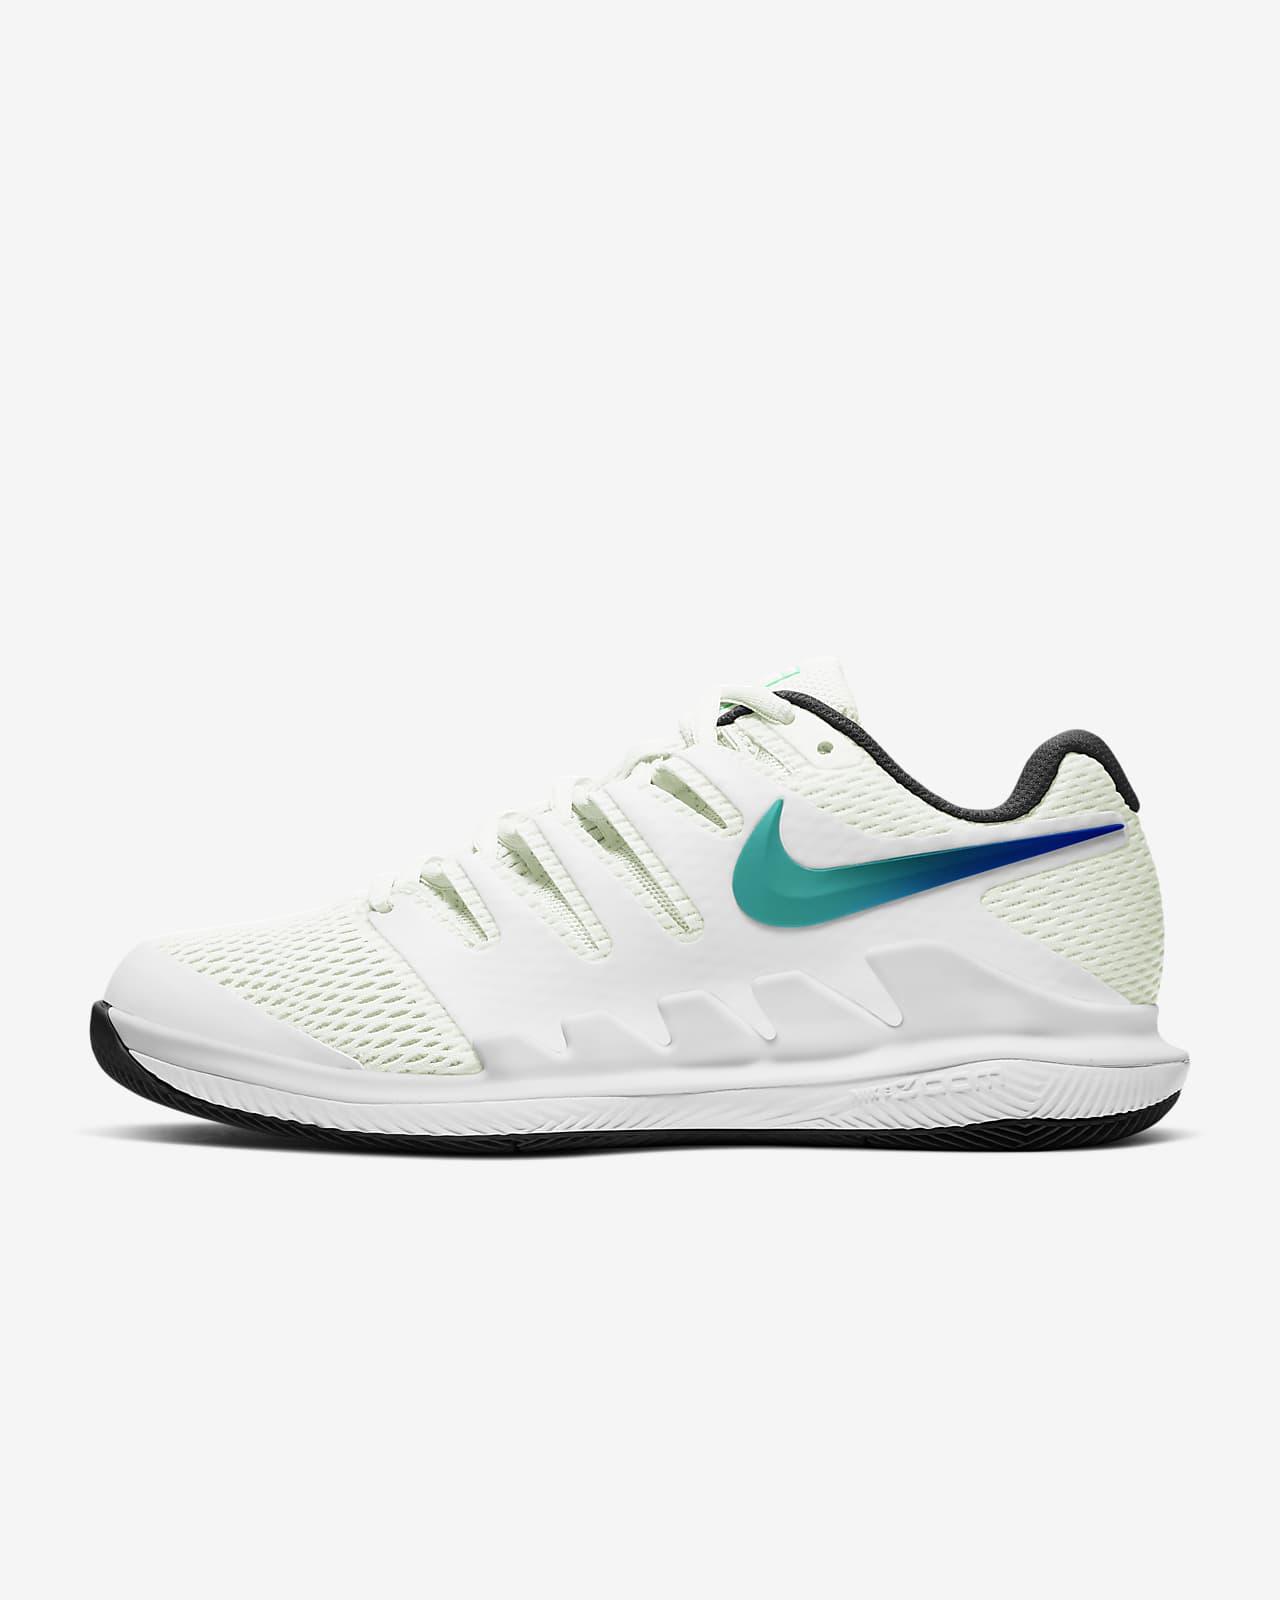 NikeCourt Air Zoom Vapor X Zapatillas de tenis de pista rápida - Mujer